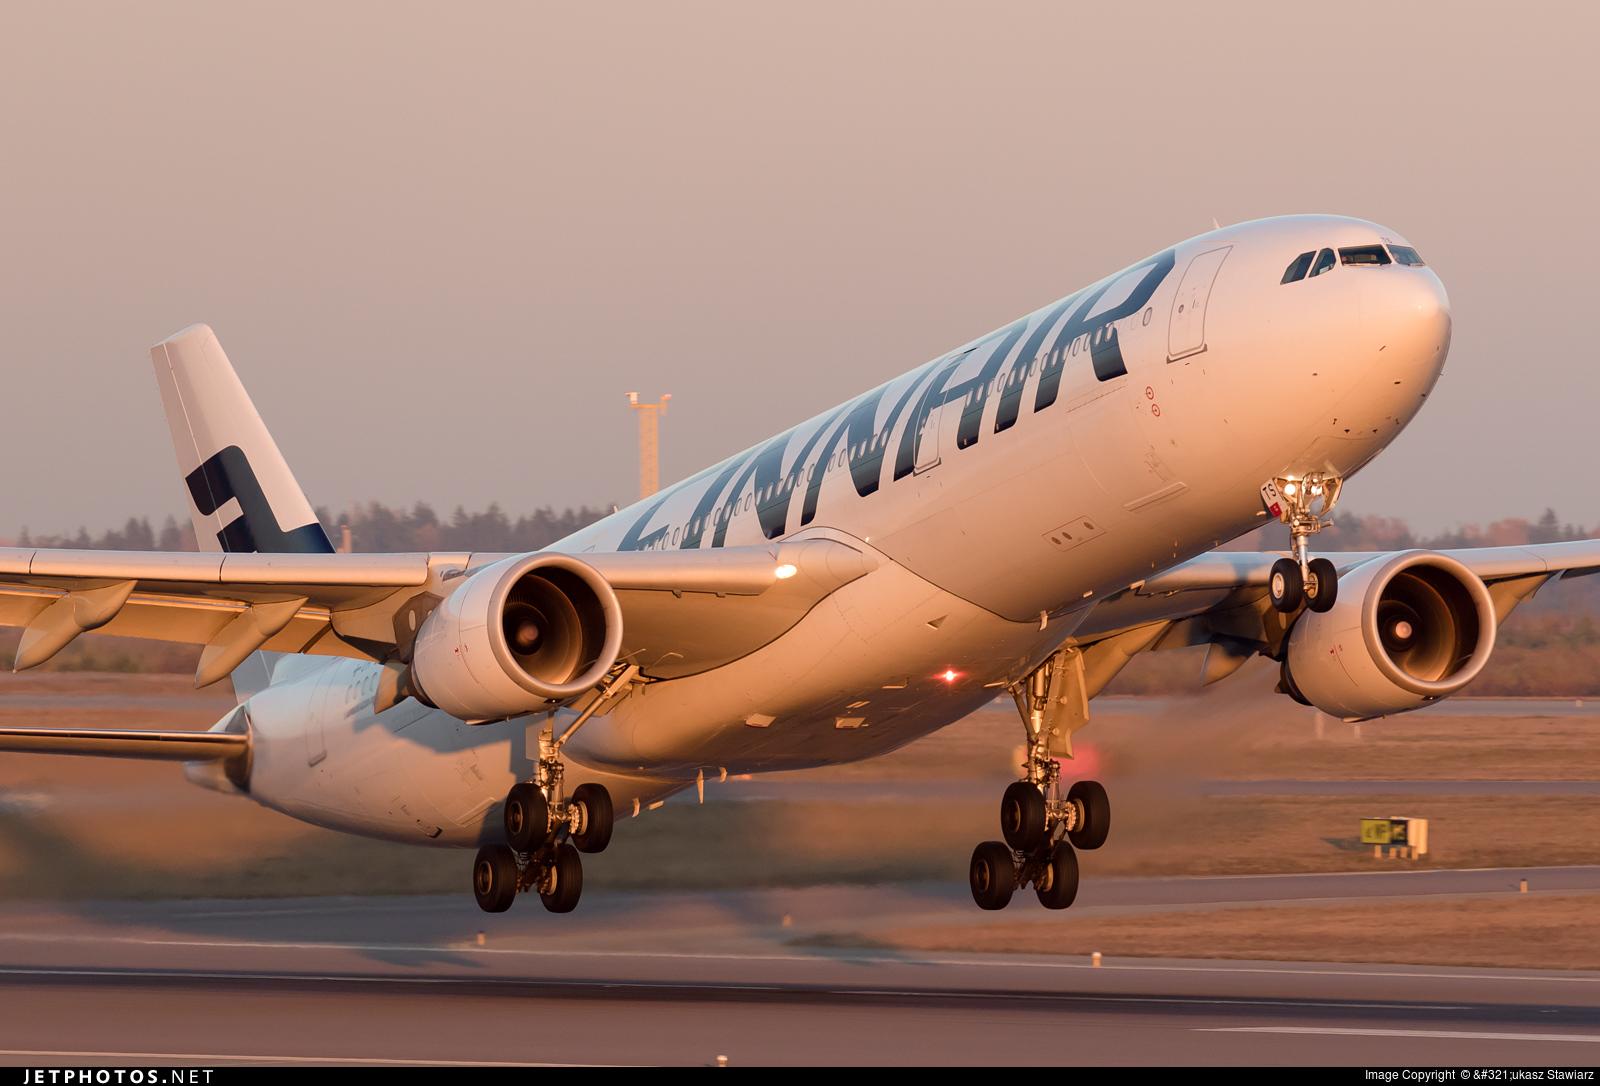 OH-LTS - Airbus A330-302 - Finnair